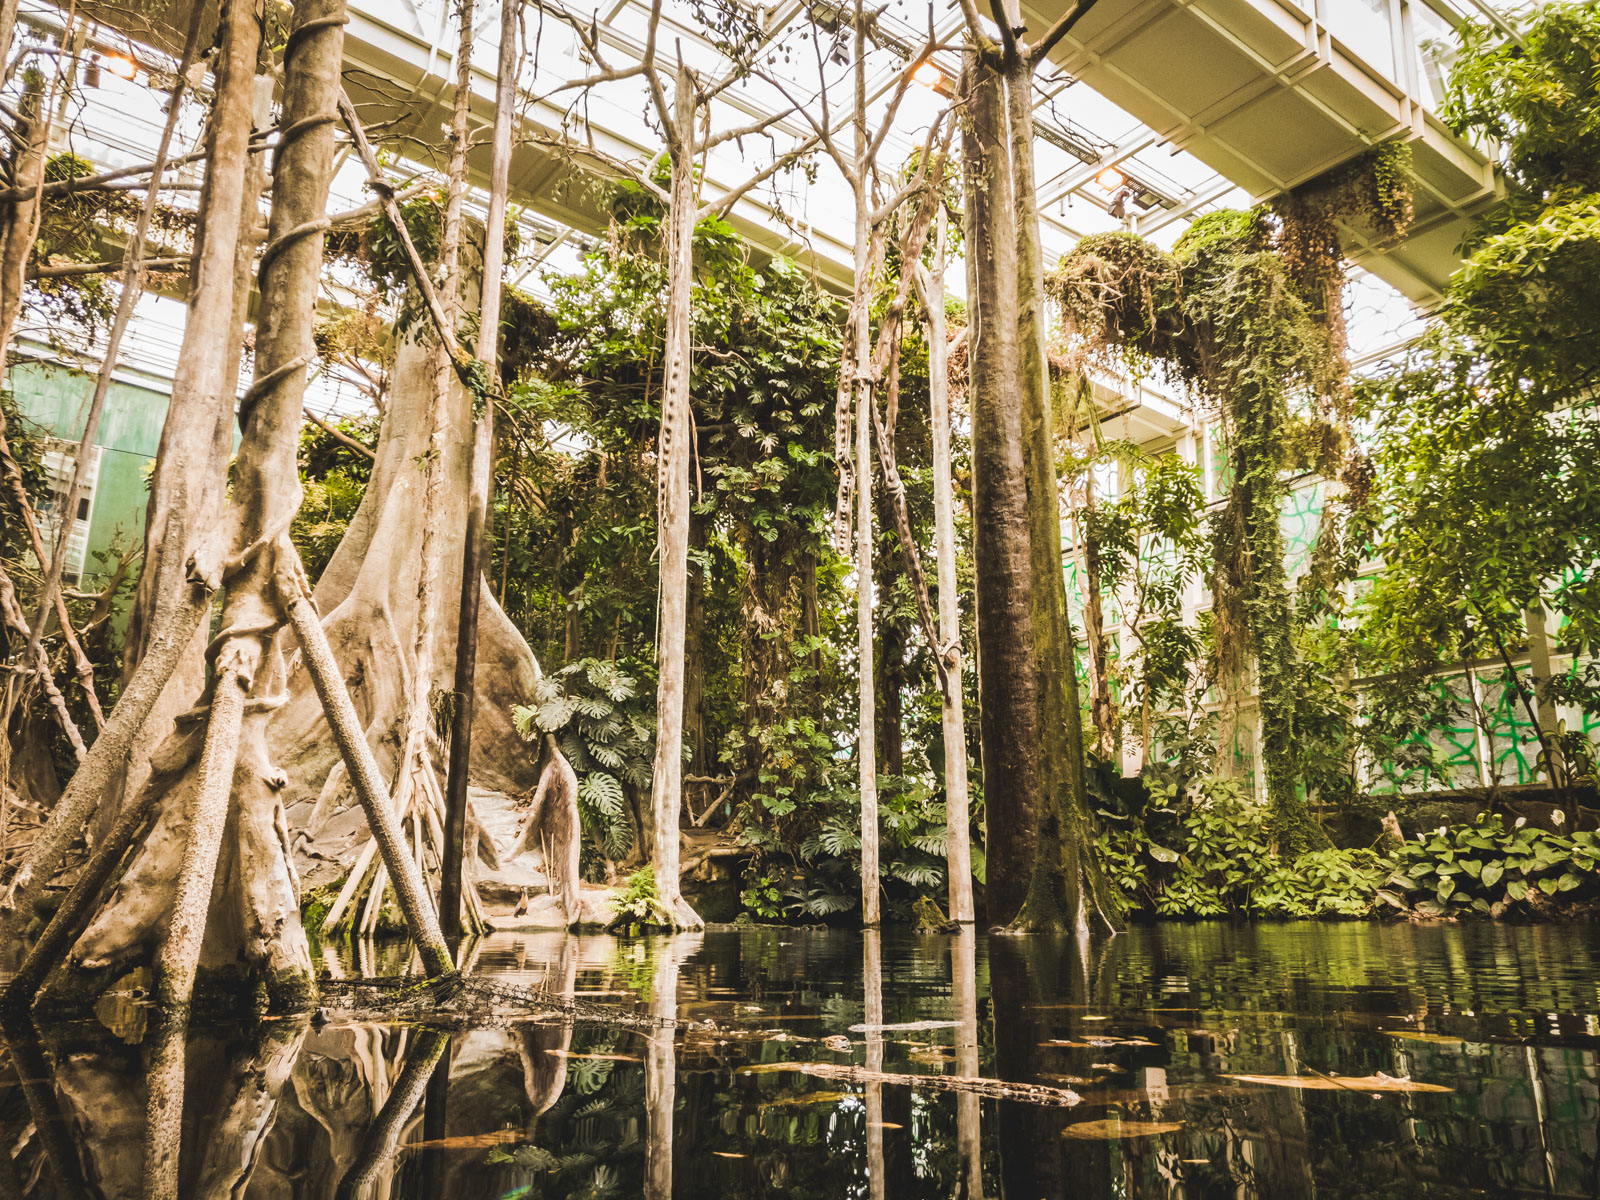 Rainforest in CosmoCaixa